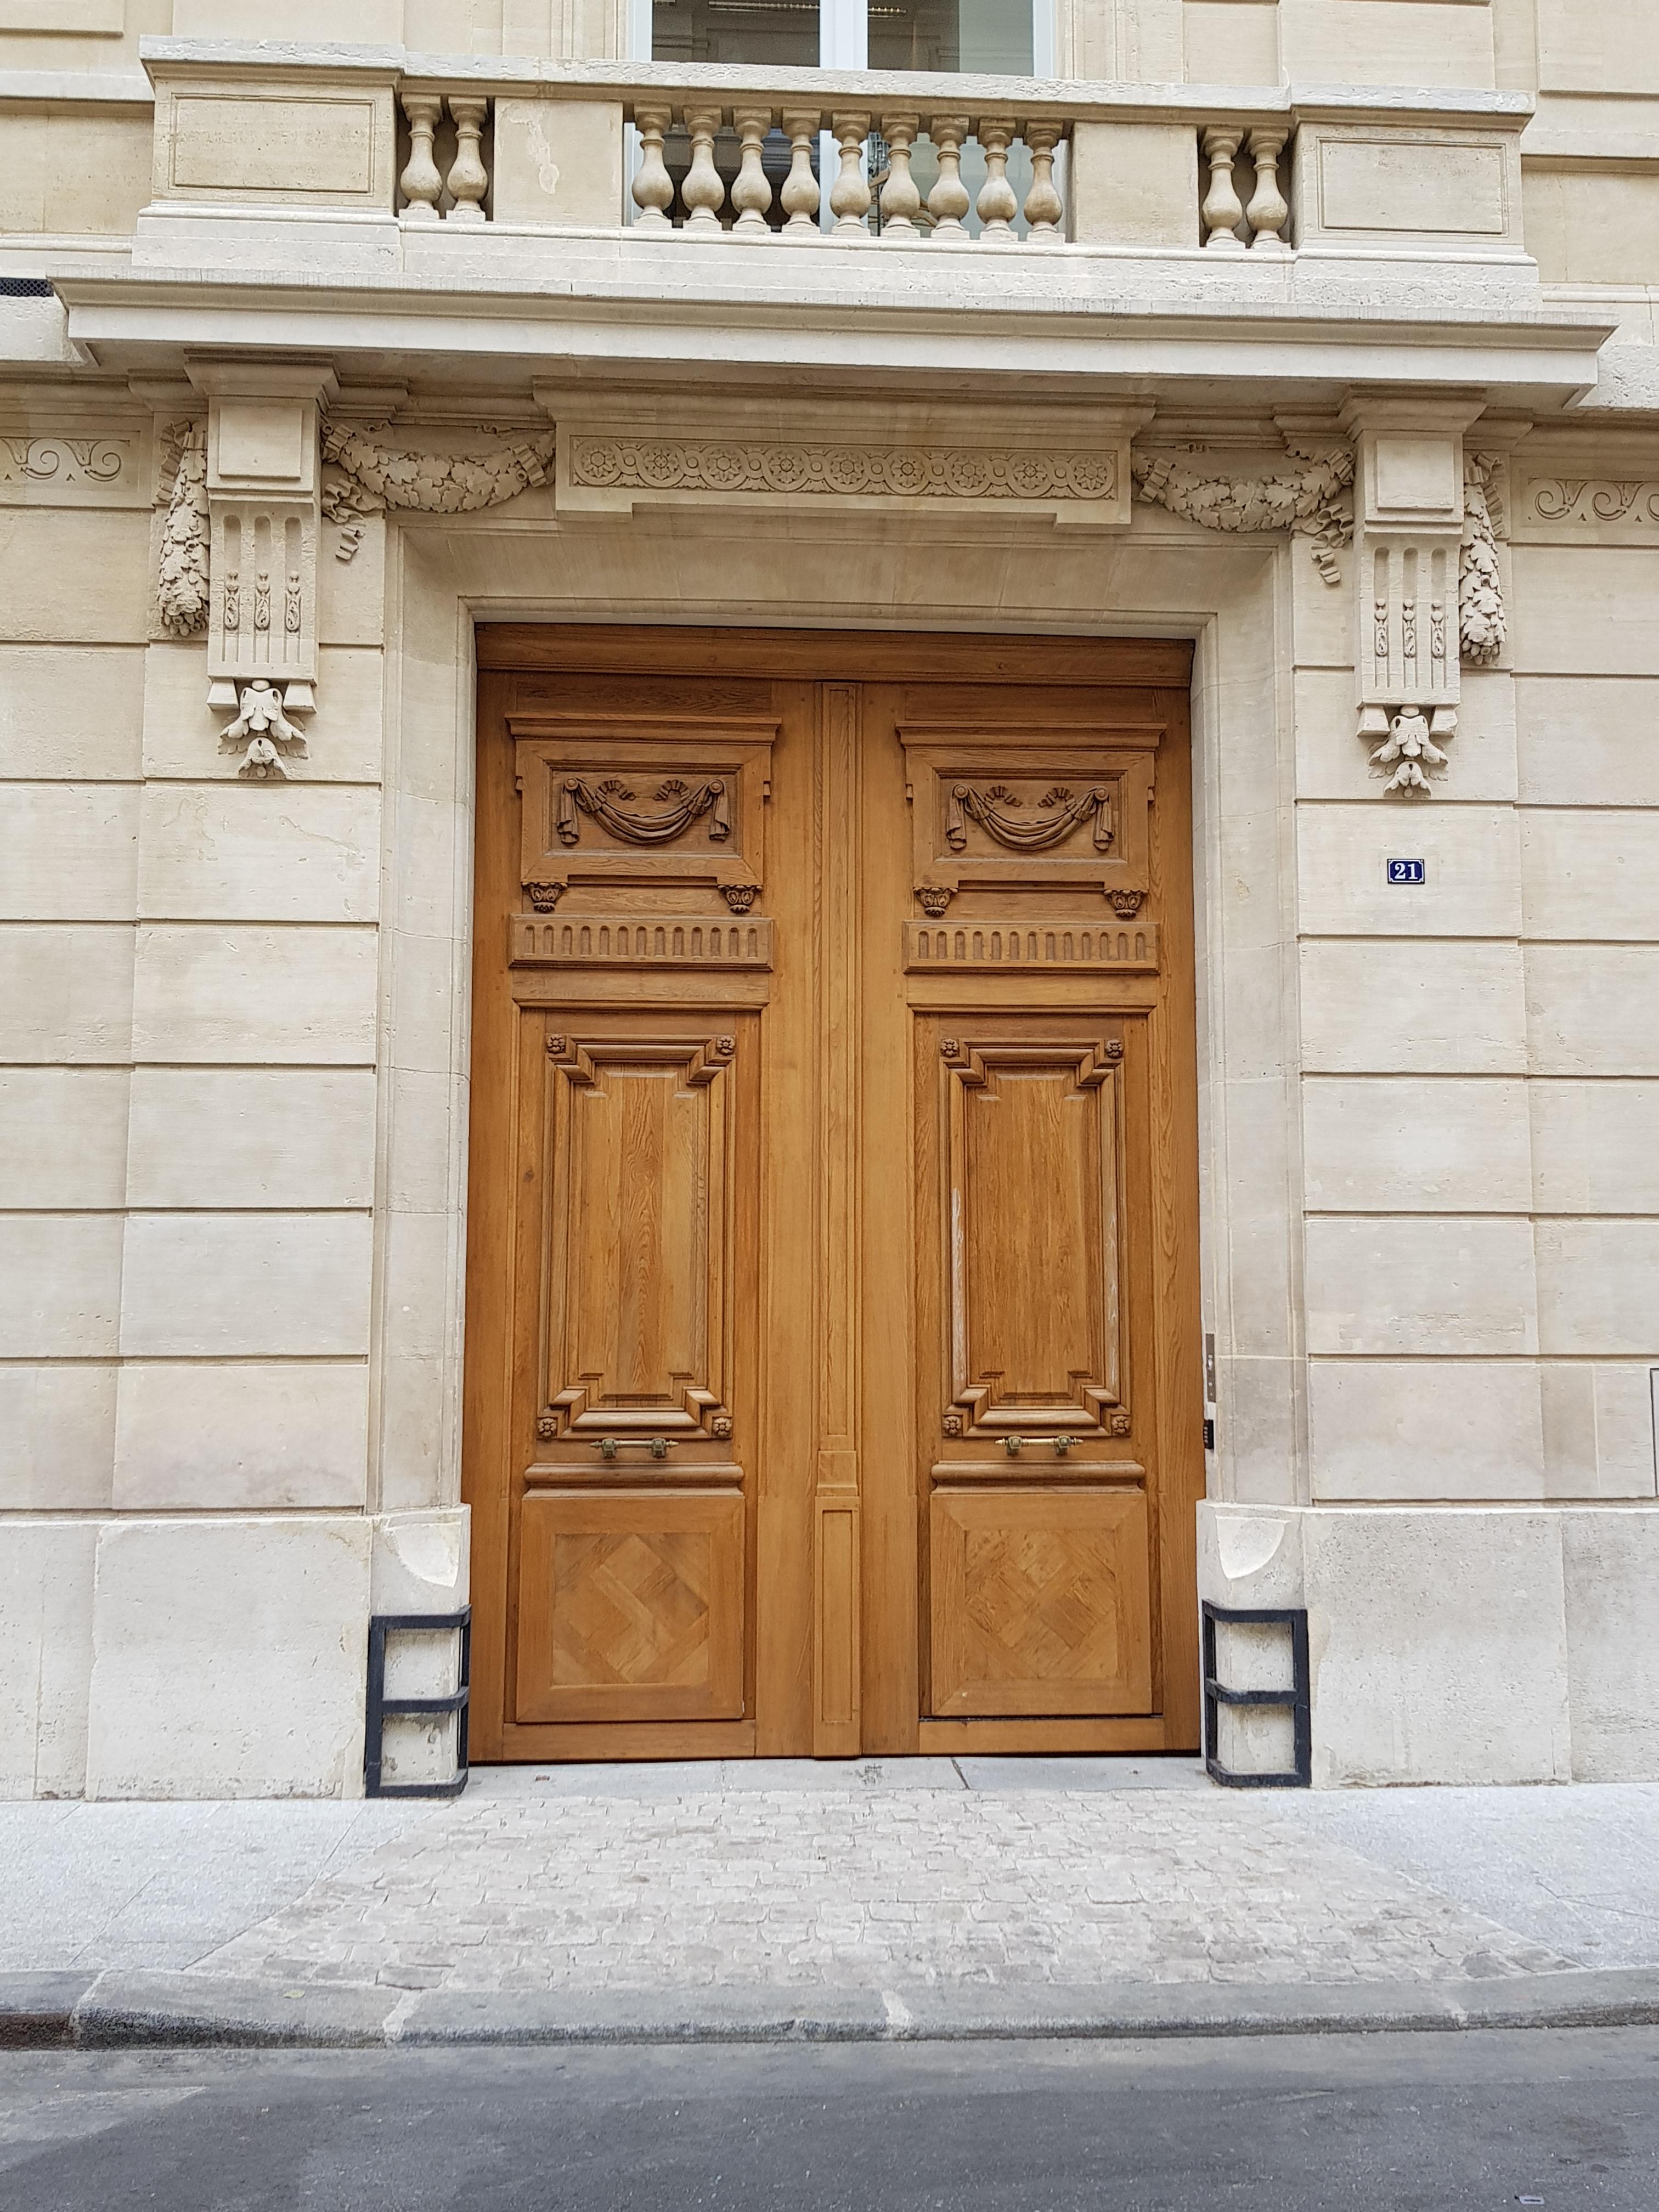 C'est La Porte Ouverte à Toutes Les Fenêtres : c'est, porte, ouverte, toutes, fenêtres, Porte, (architecture), Wikipédia